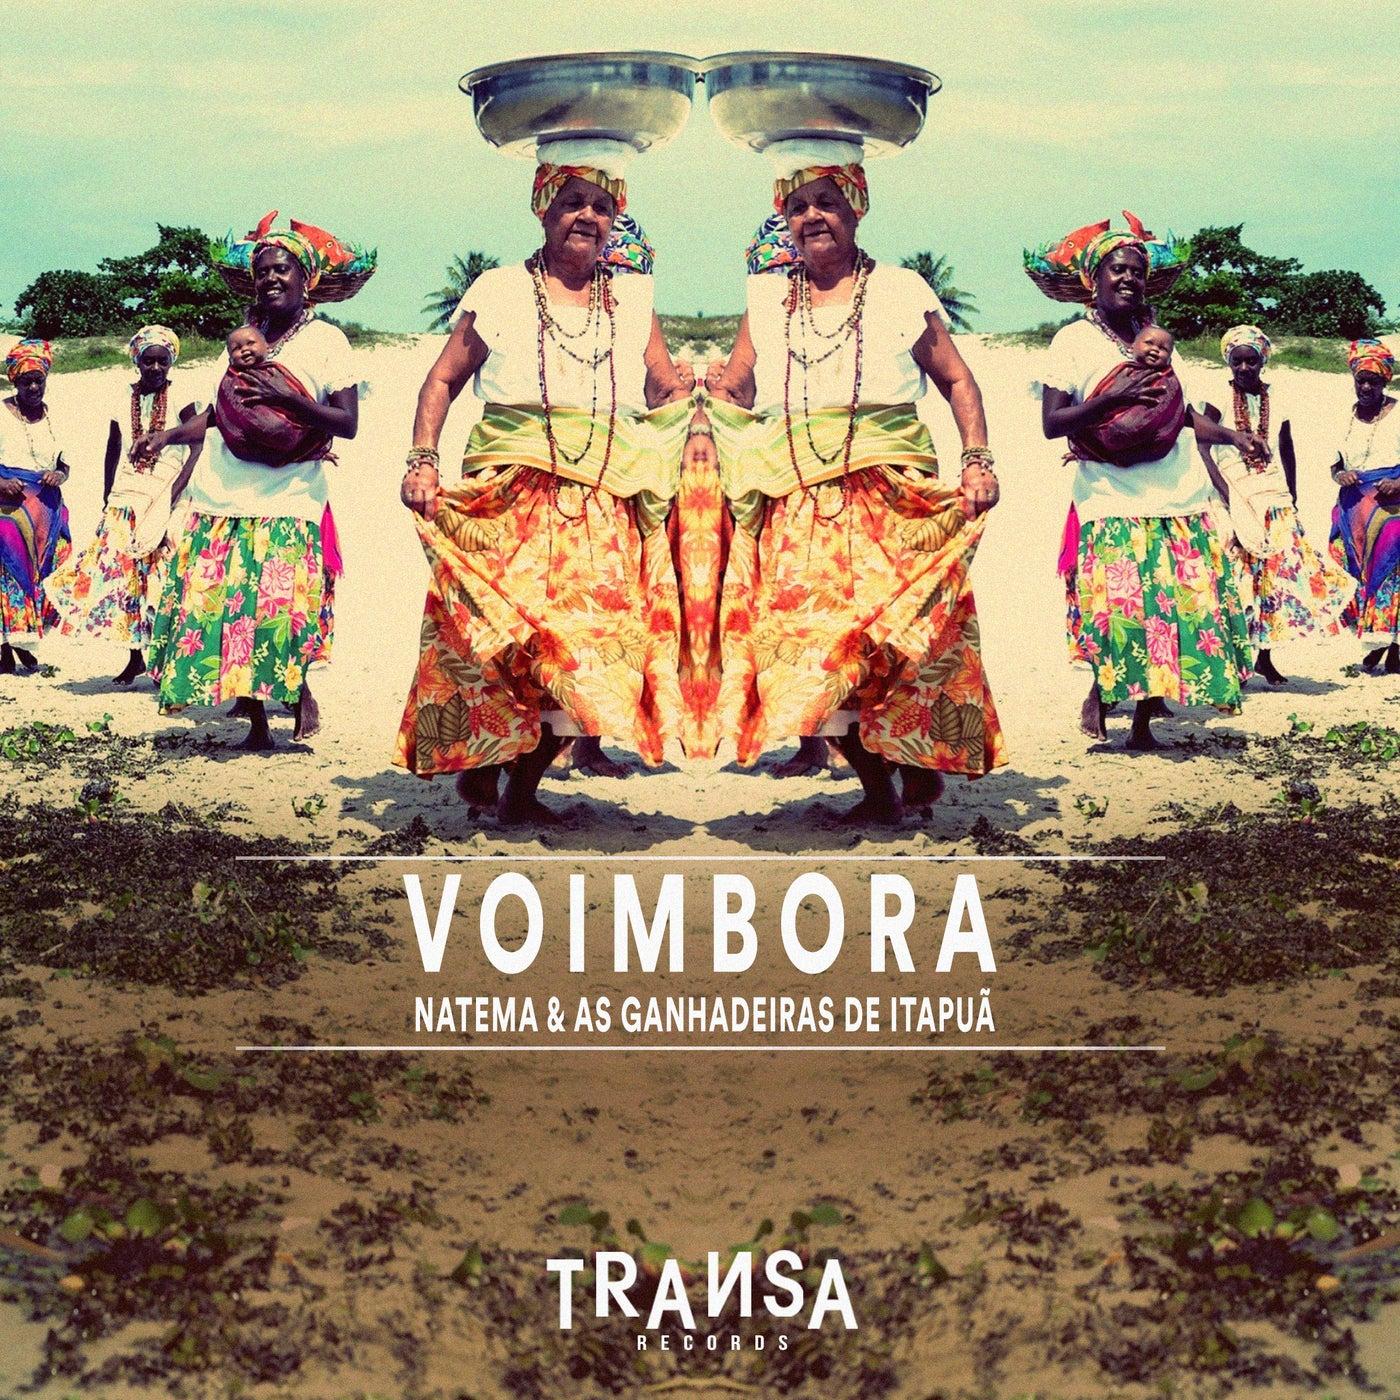 Voimbora (Original Mix)